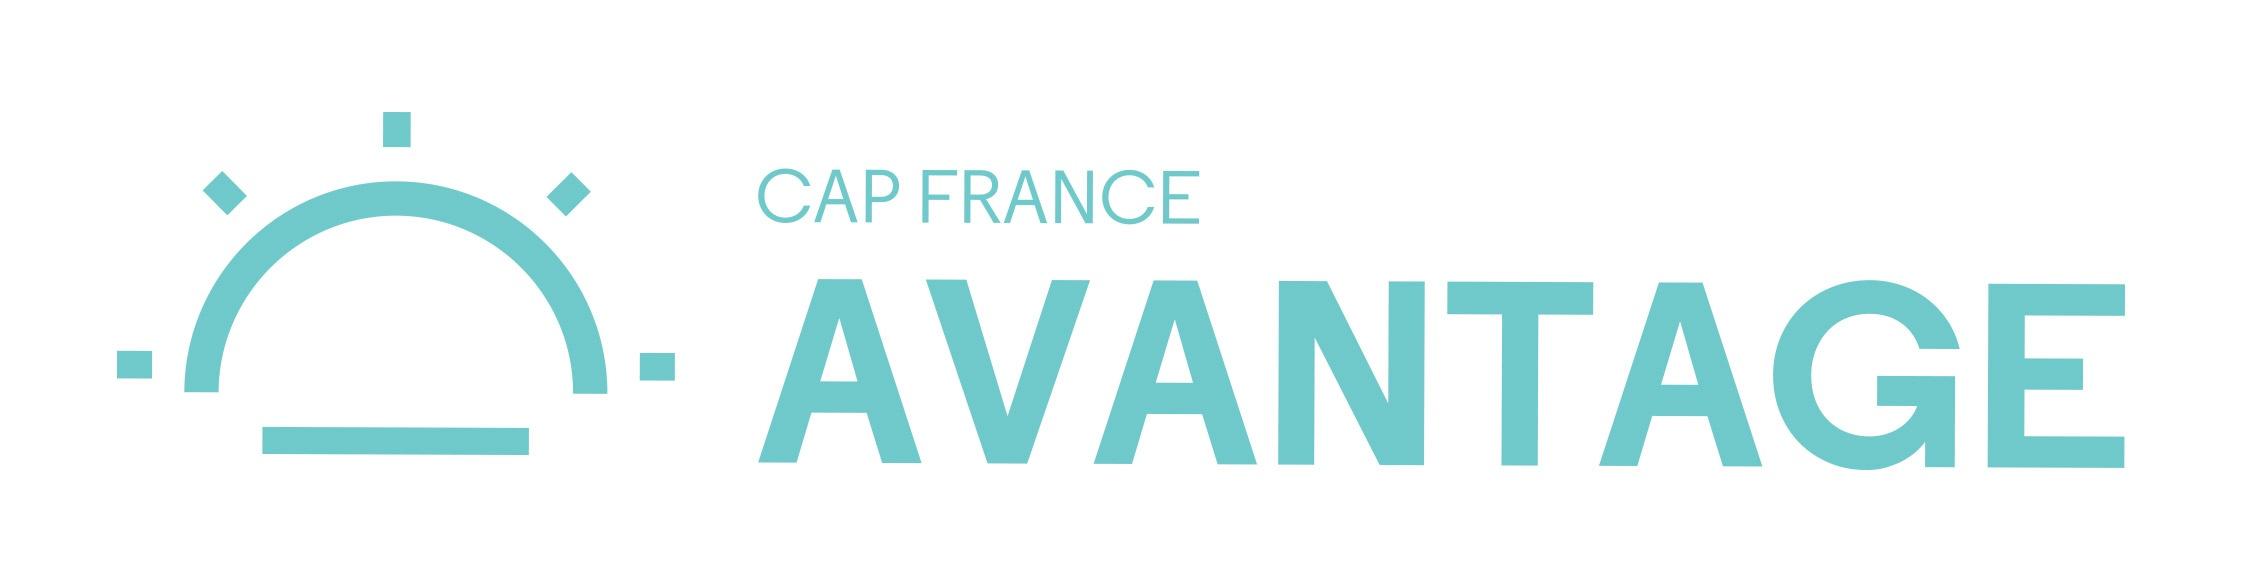 Village vacances gamme avantages CAP FRANCE